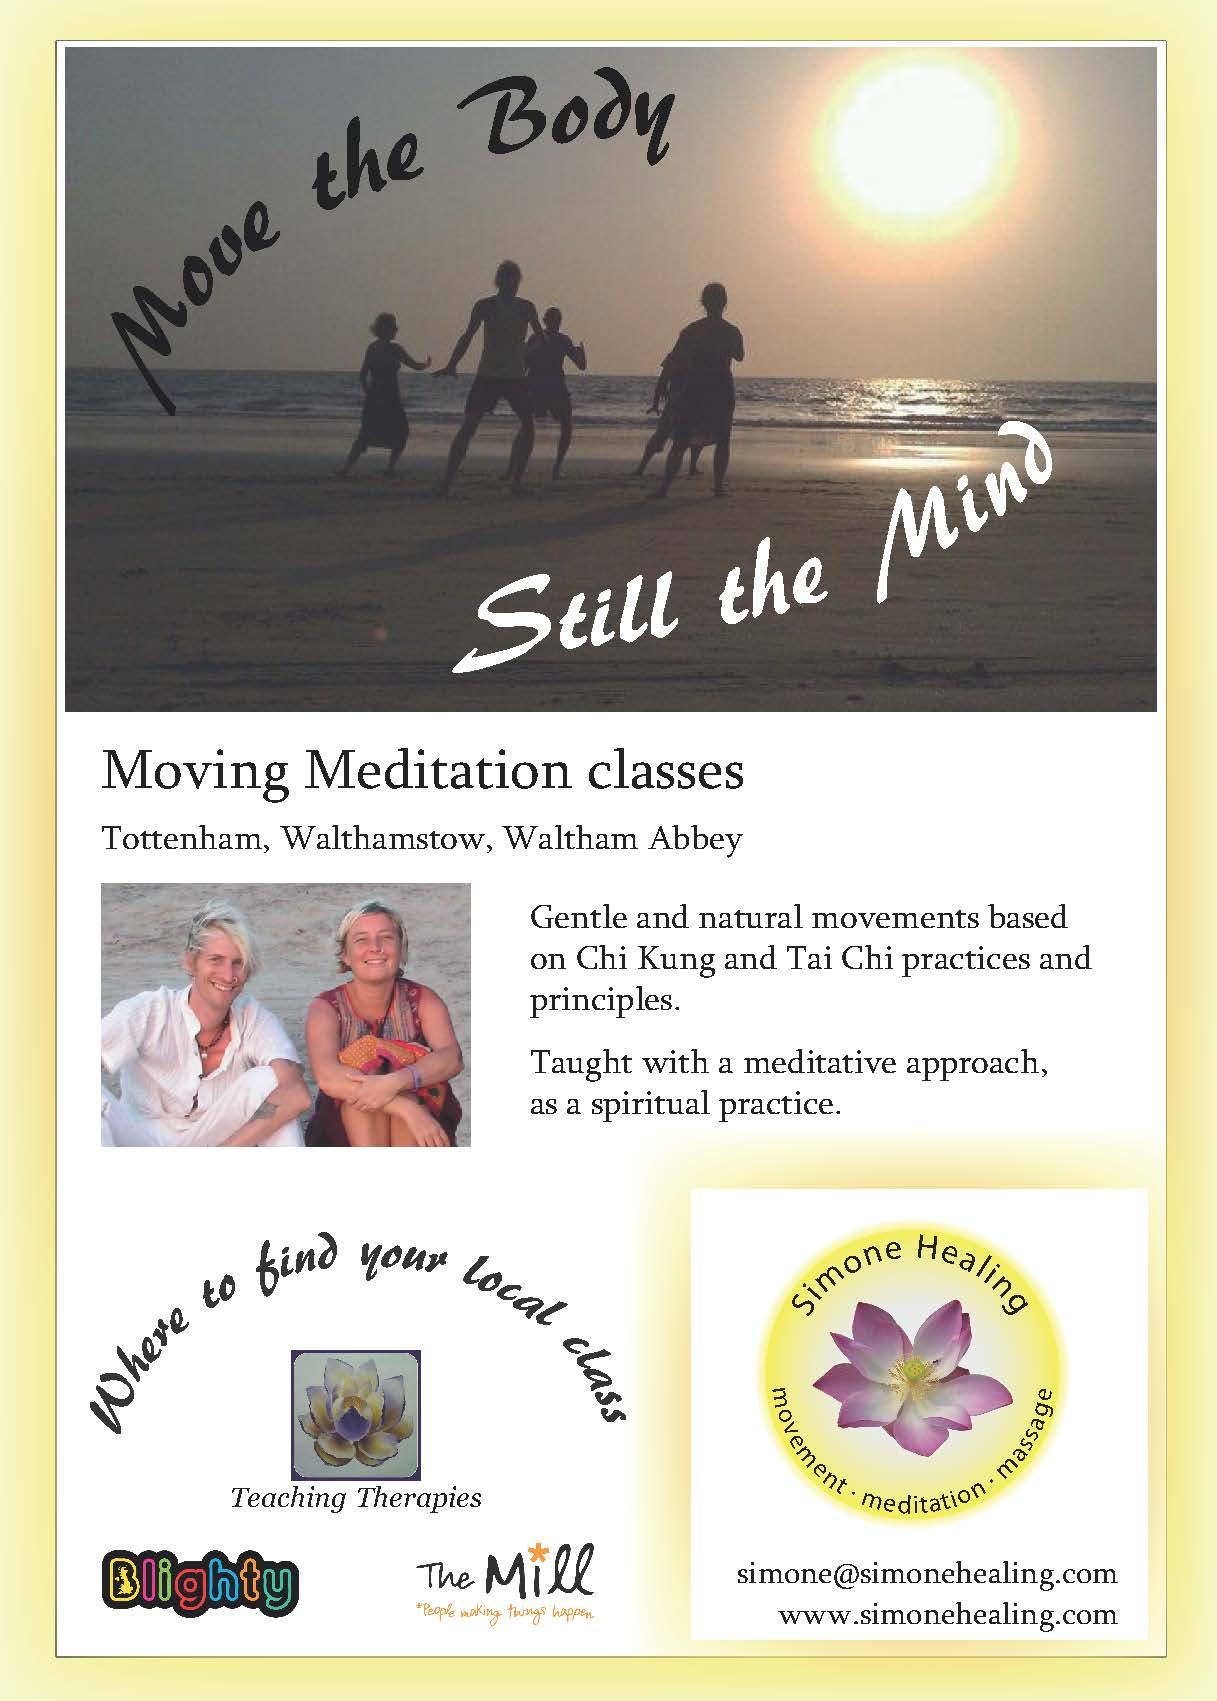 Moving meditation flyer front side